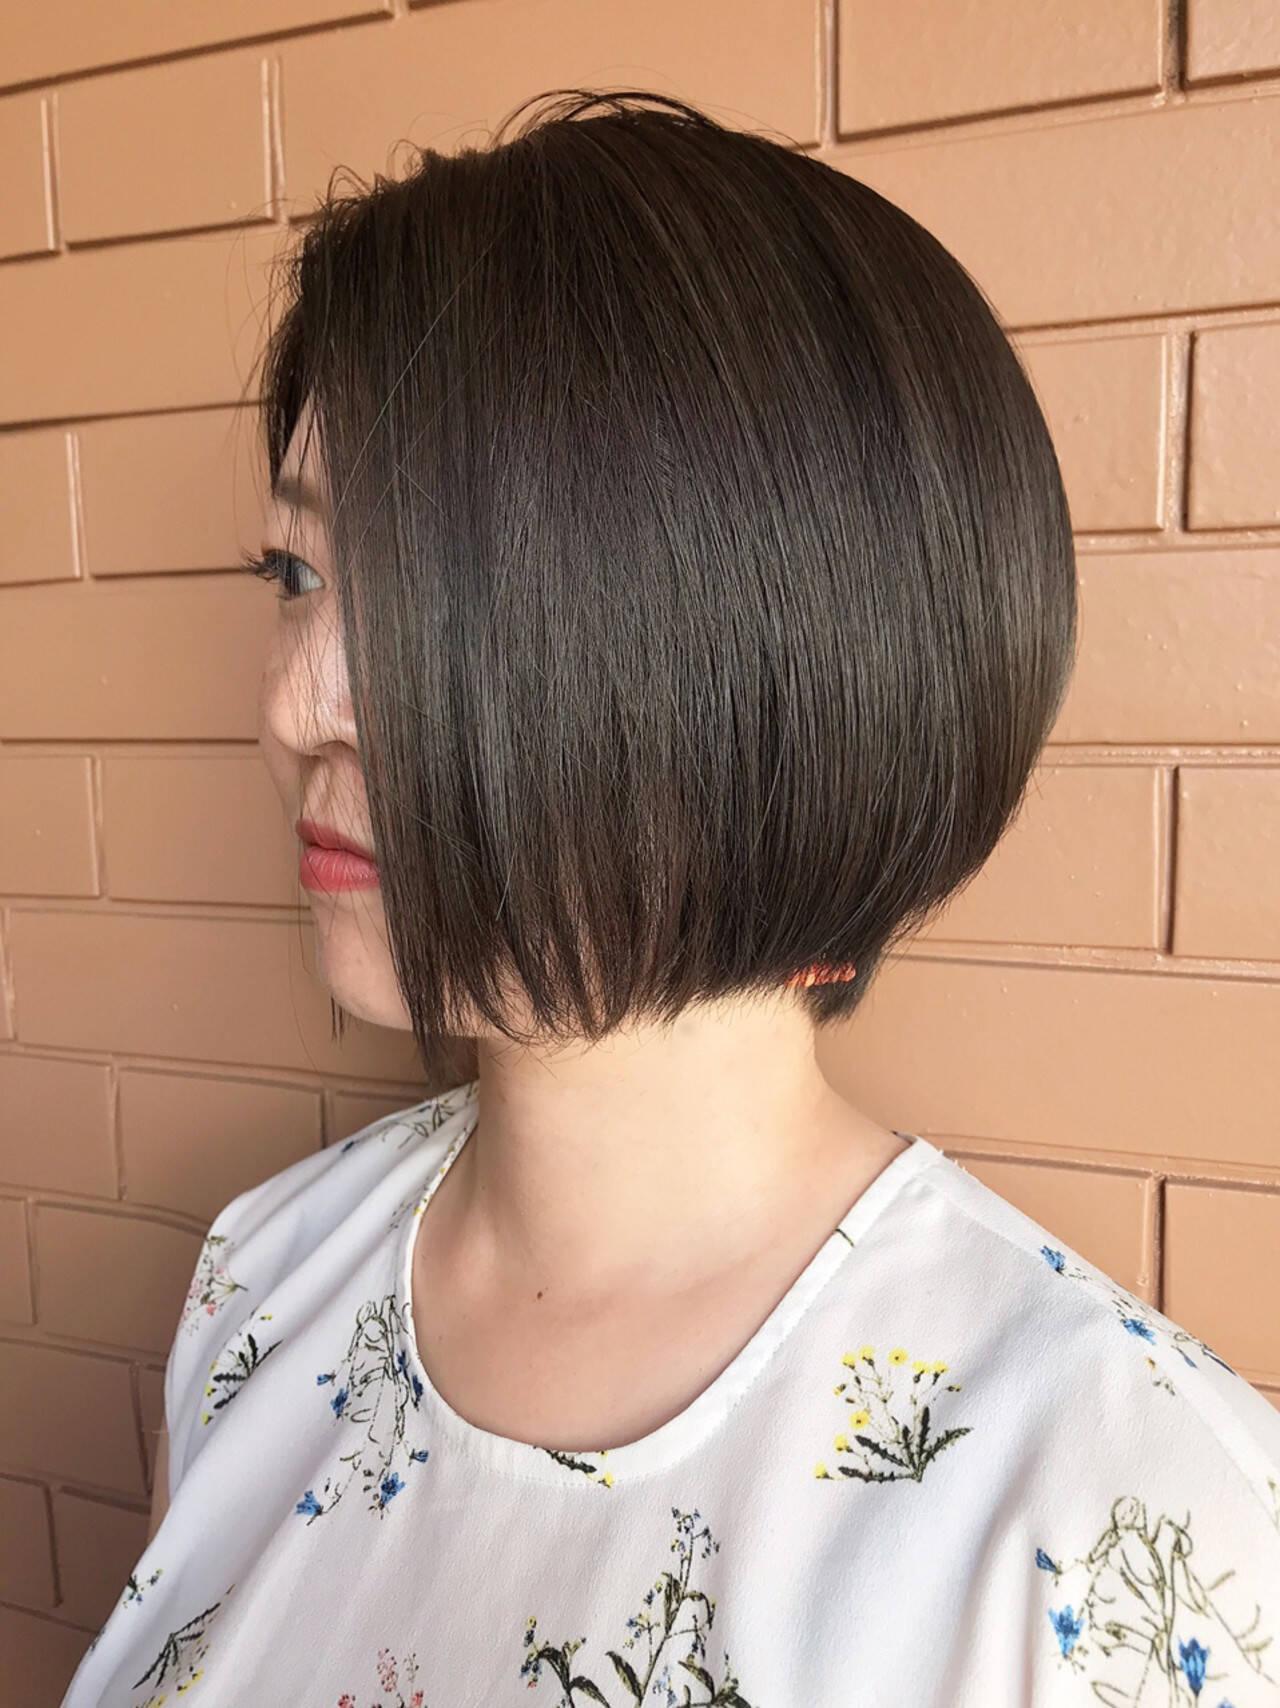 ガーリー ボブ 透明感カラー ストレートヘアスタイルや髪型の写真・画像